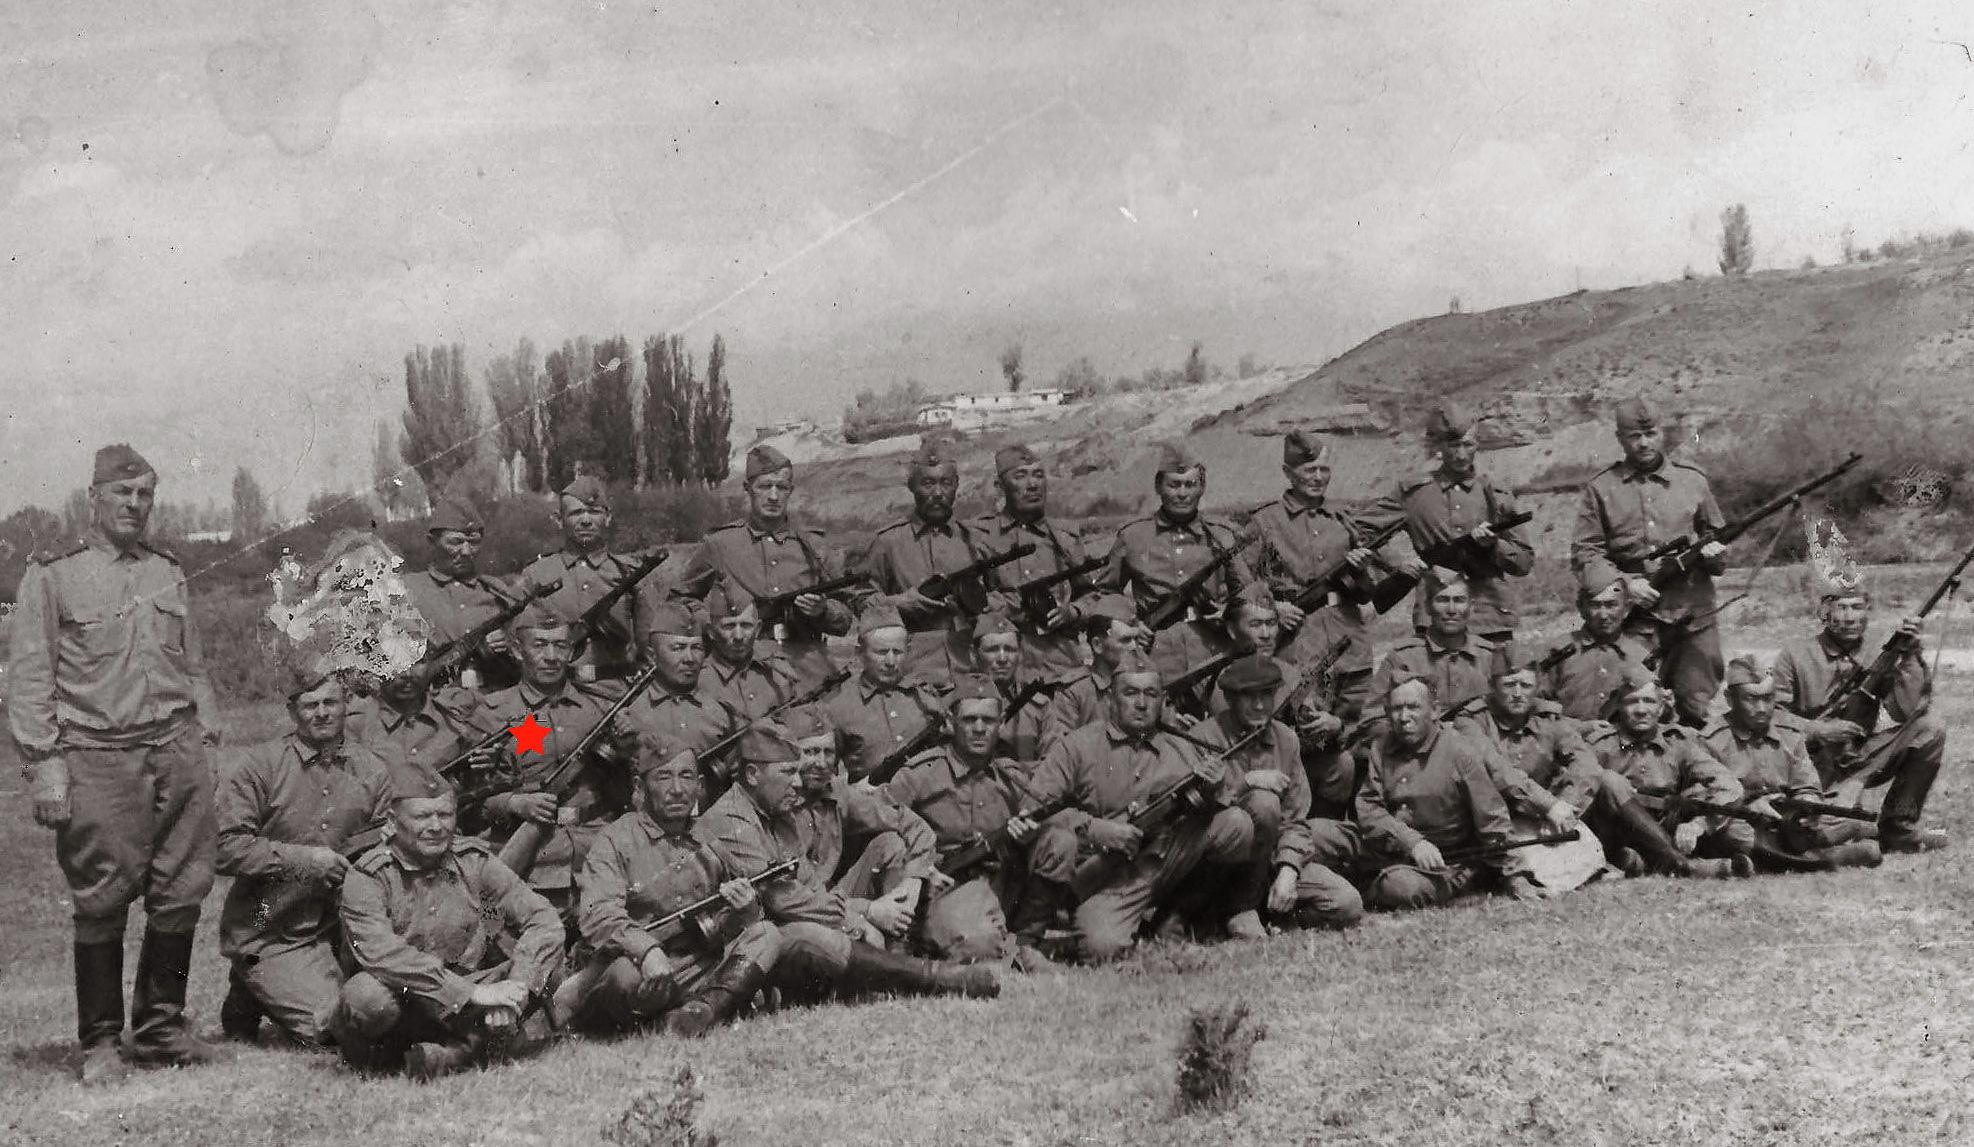 Ветеран Великой Отечественной войны Усен Саруев с однополчанами. 1946 год